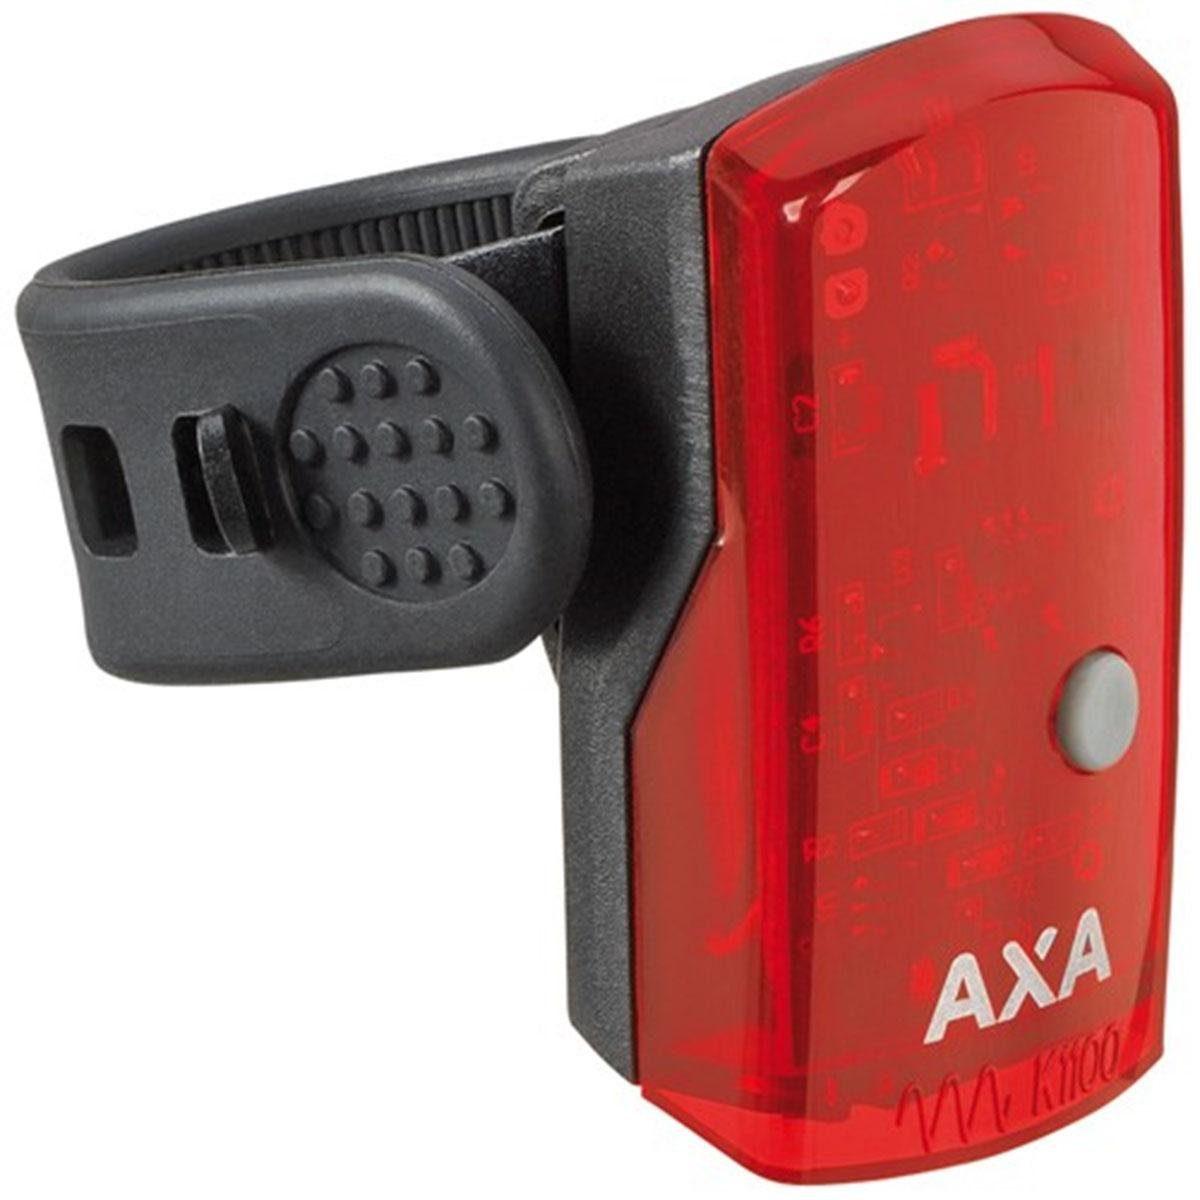 AXA Rücklicht »GreenLine« (mit Rücklicht)